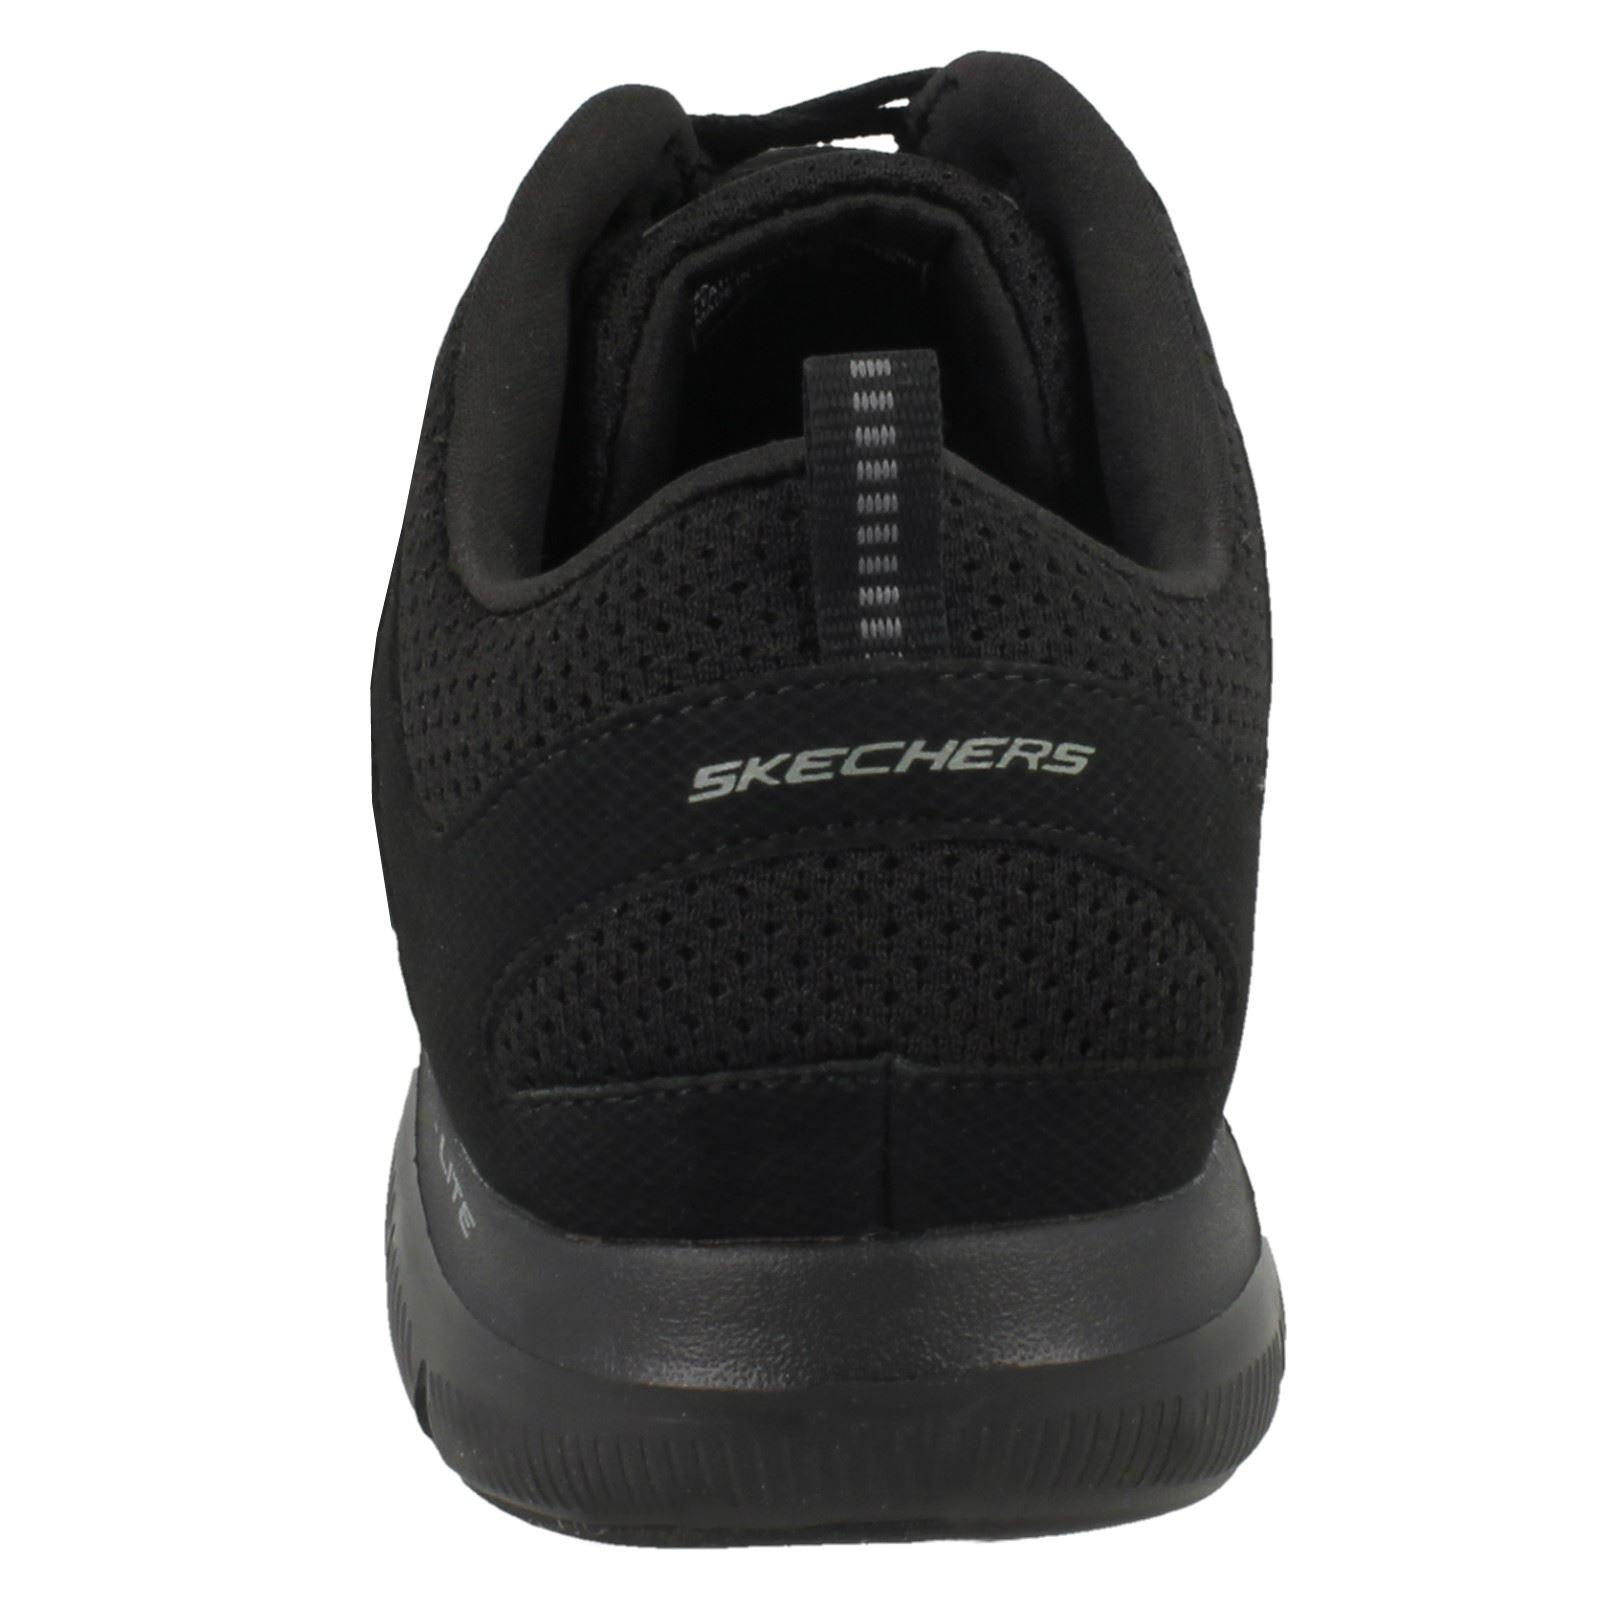 Simplistic Skechers Skechers Ladies Trainers Simplistic Ladies Black Simplistic Skechers Black Trainers Trainers Ladies qER6pRg